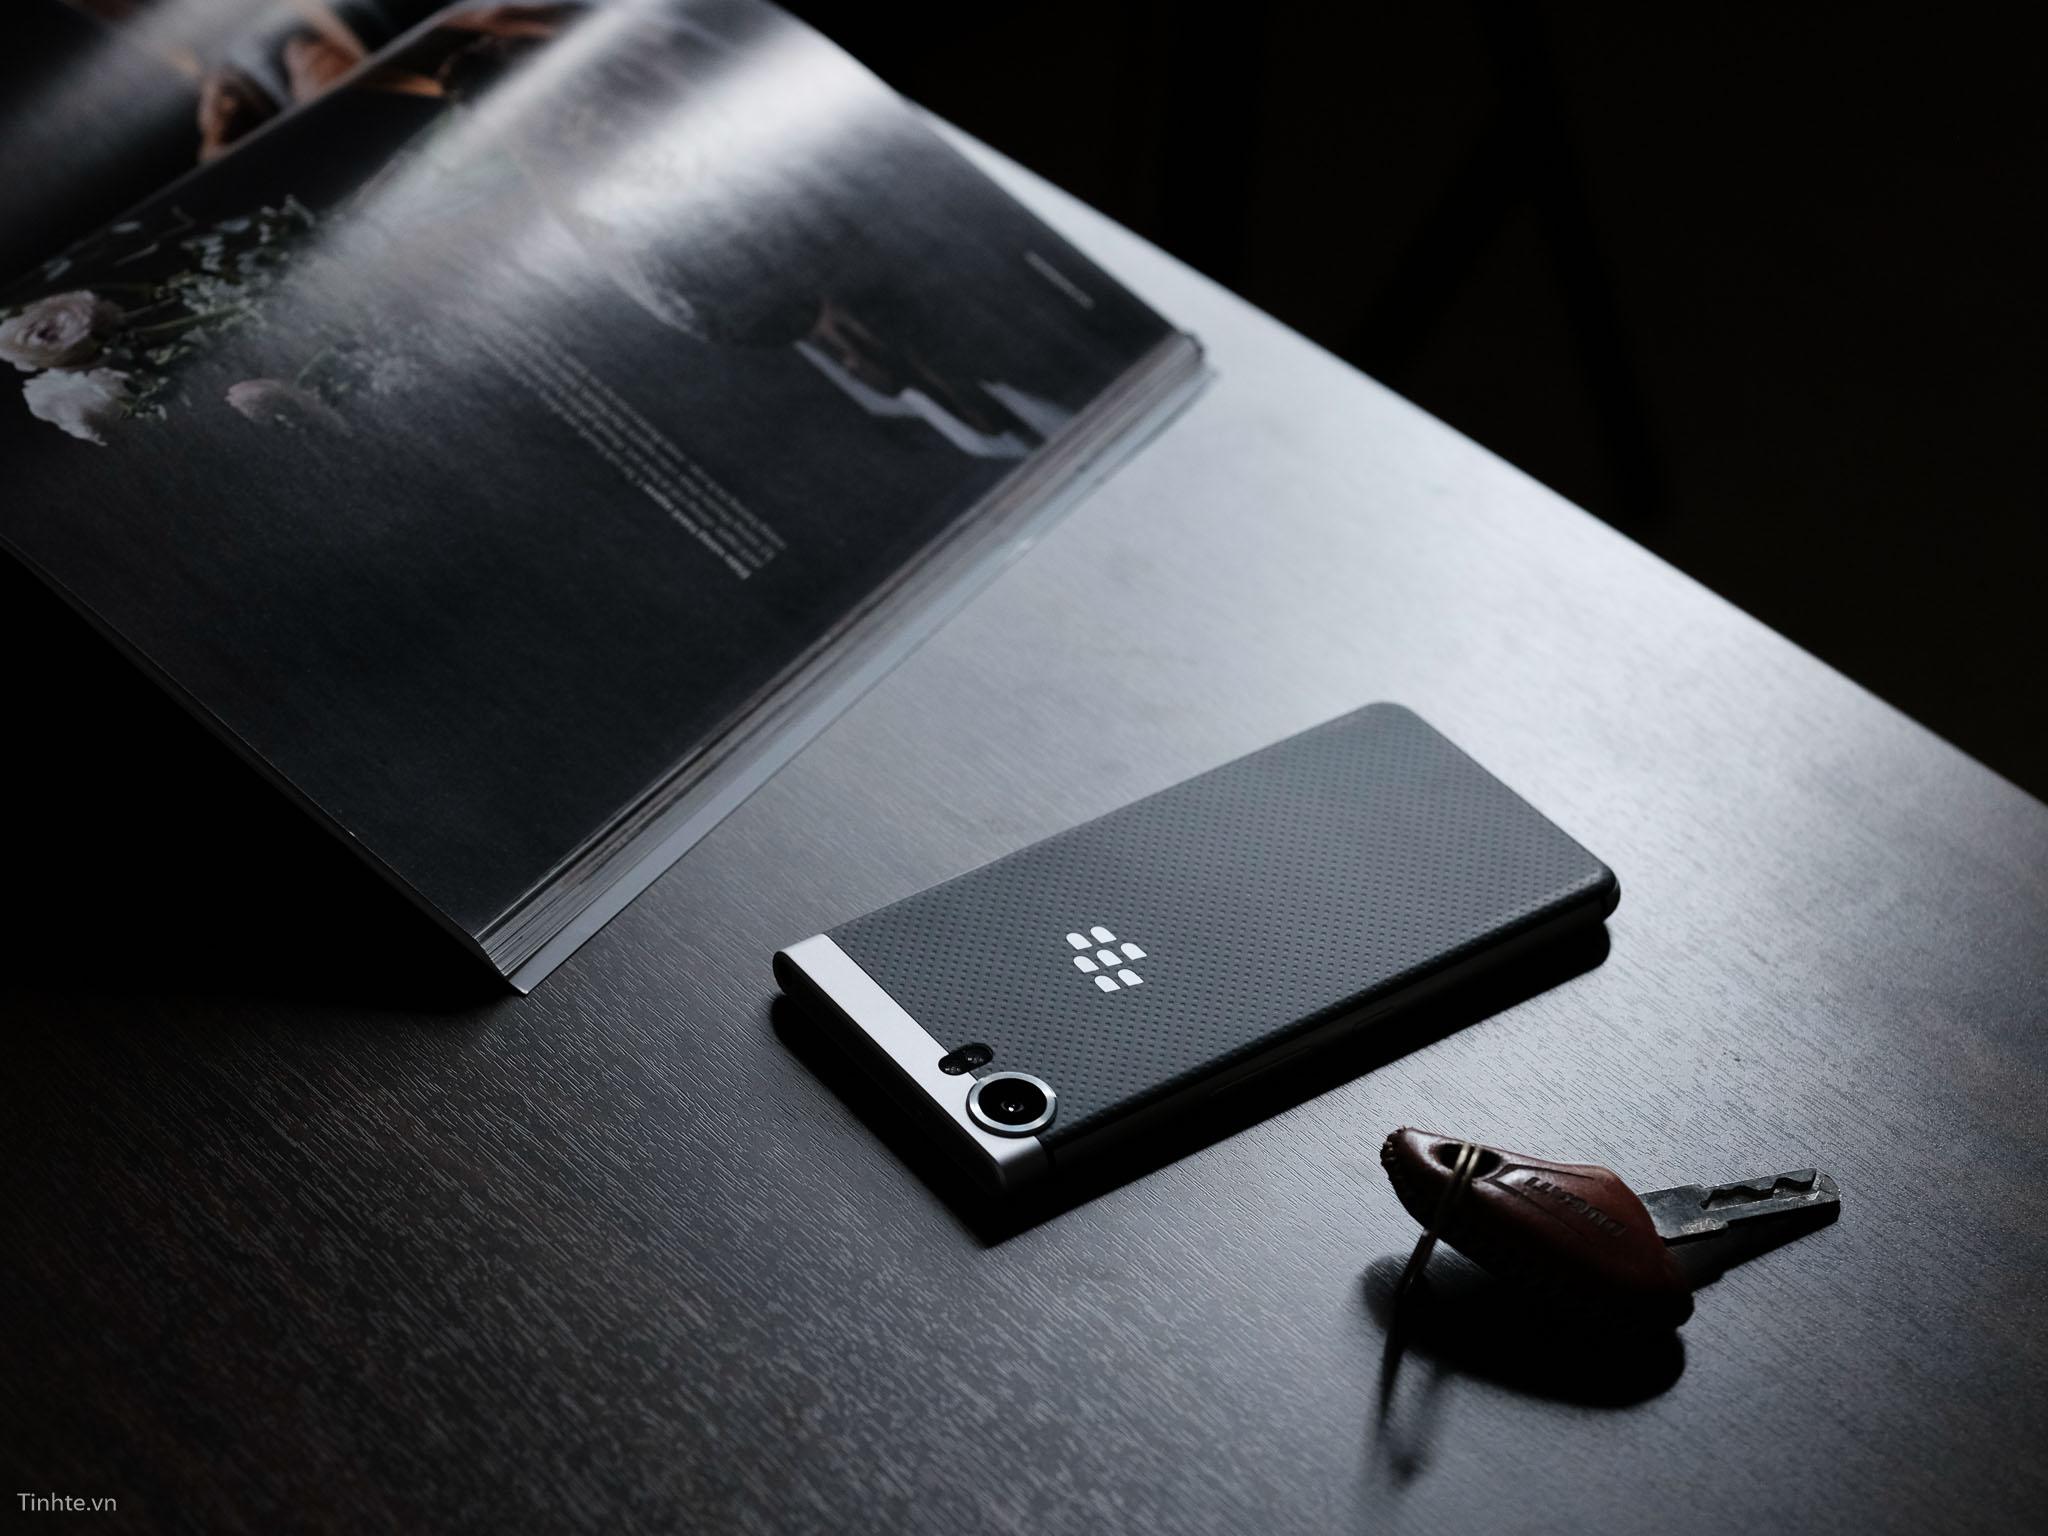 tinhte_anh_so_sanh_samsung_galaxy_s8_vs_blackberry_keyone_ (7).jpg